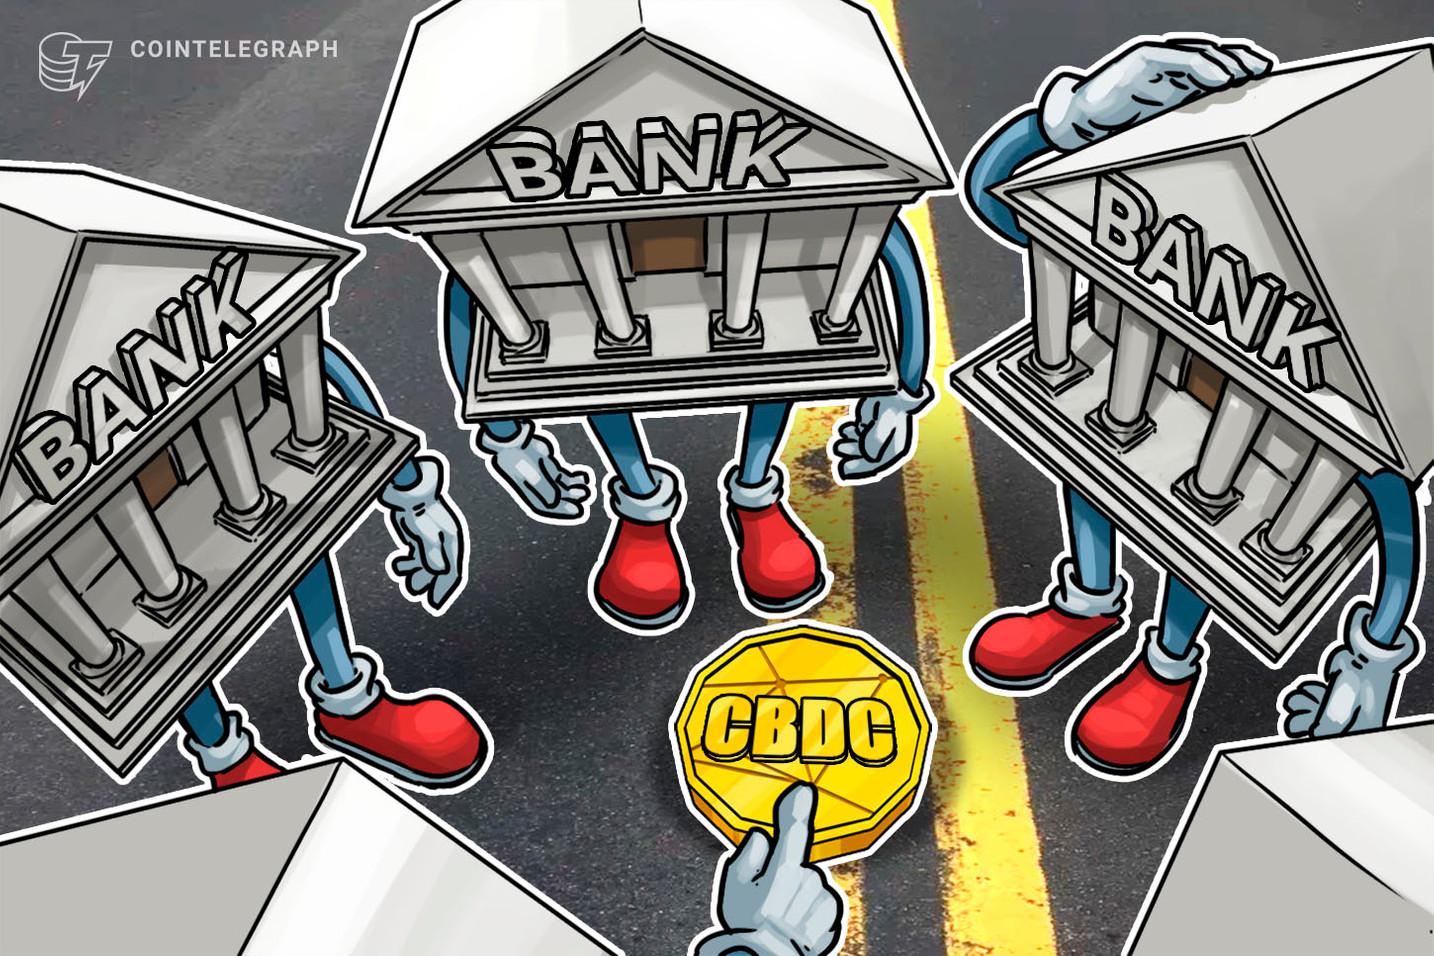 Líderes do G7 emitem diretrizes para moedas digitais de bancos centrais